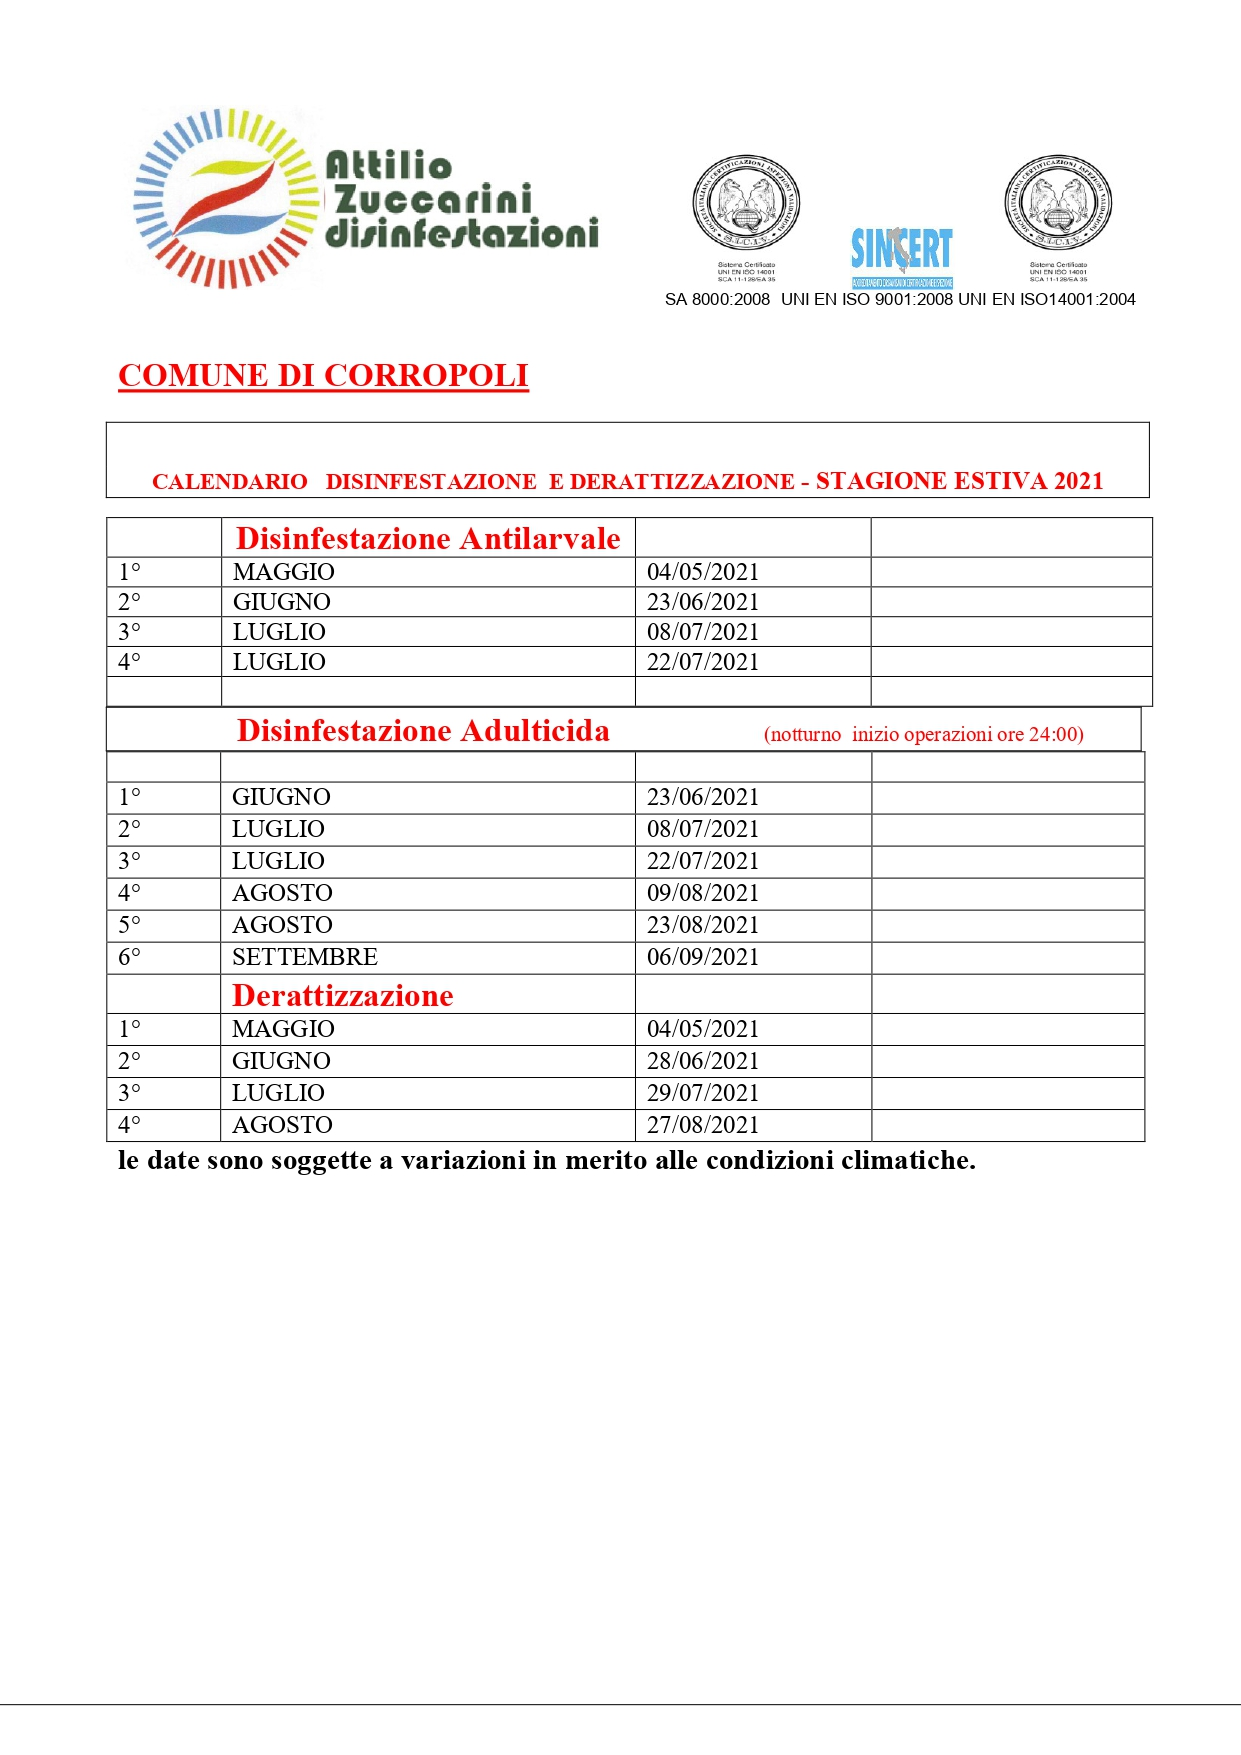 CALENDARIO DISINFESTAZIONE E DERATTIZZAZIONE - STAGIONE ESTIVA 2021